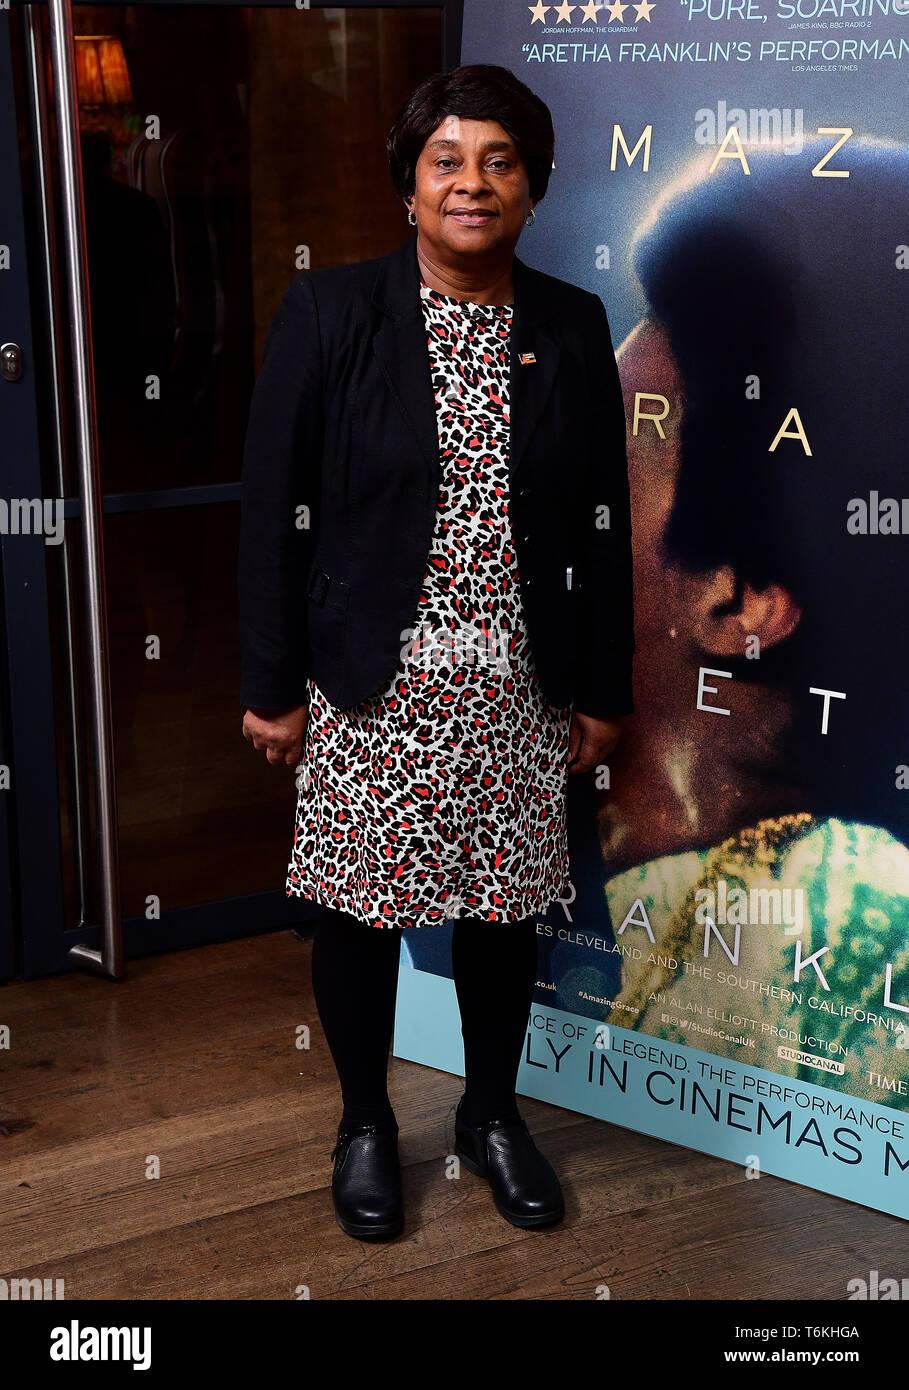 Doreen Lawrence que asistieron a la proyección del documental, Aretha Franklin Amazing Grace, a jamón Yard Hotel, Londres. Foto de stock